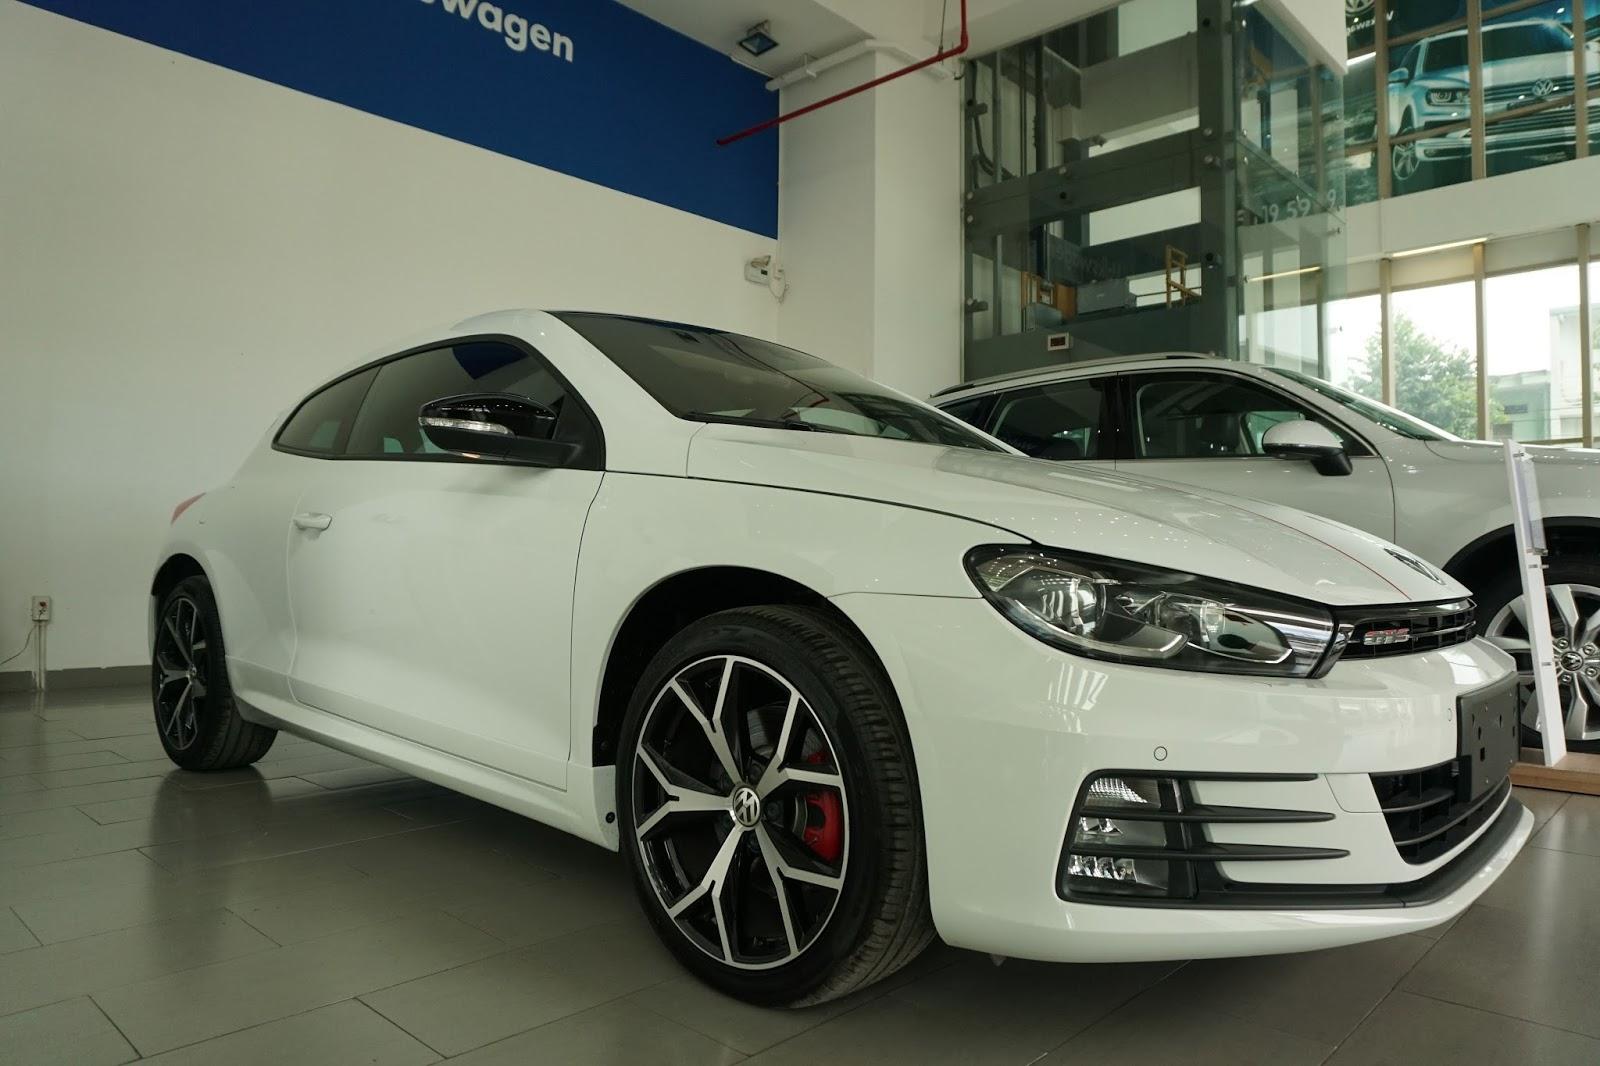 Volkswagen Scirocco GTS là hàng cực hiếm tại Việt Nam, giá vào khoảng hơn 1,4 tỷ đồng